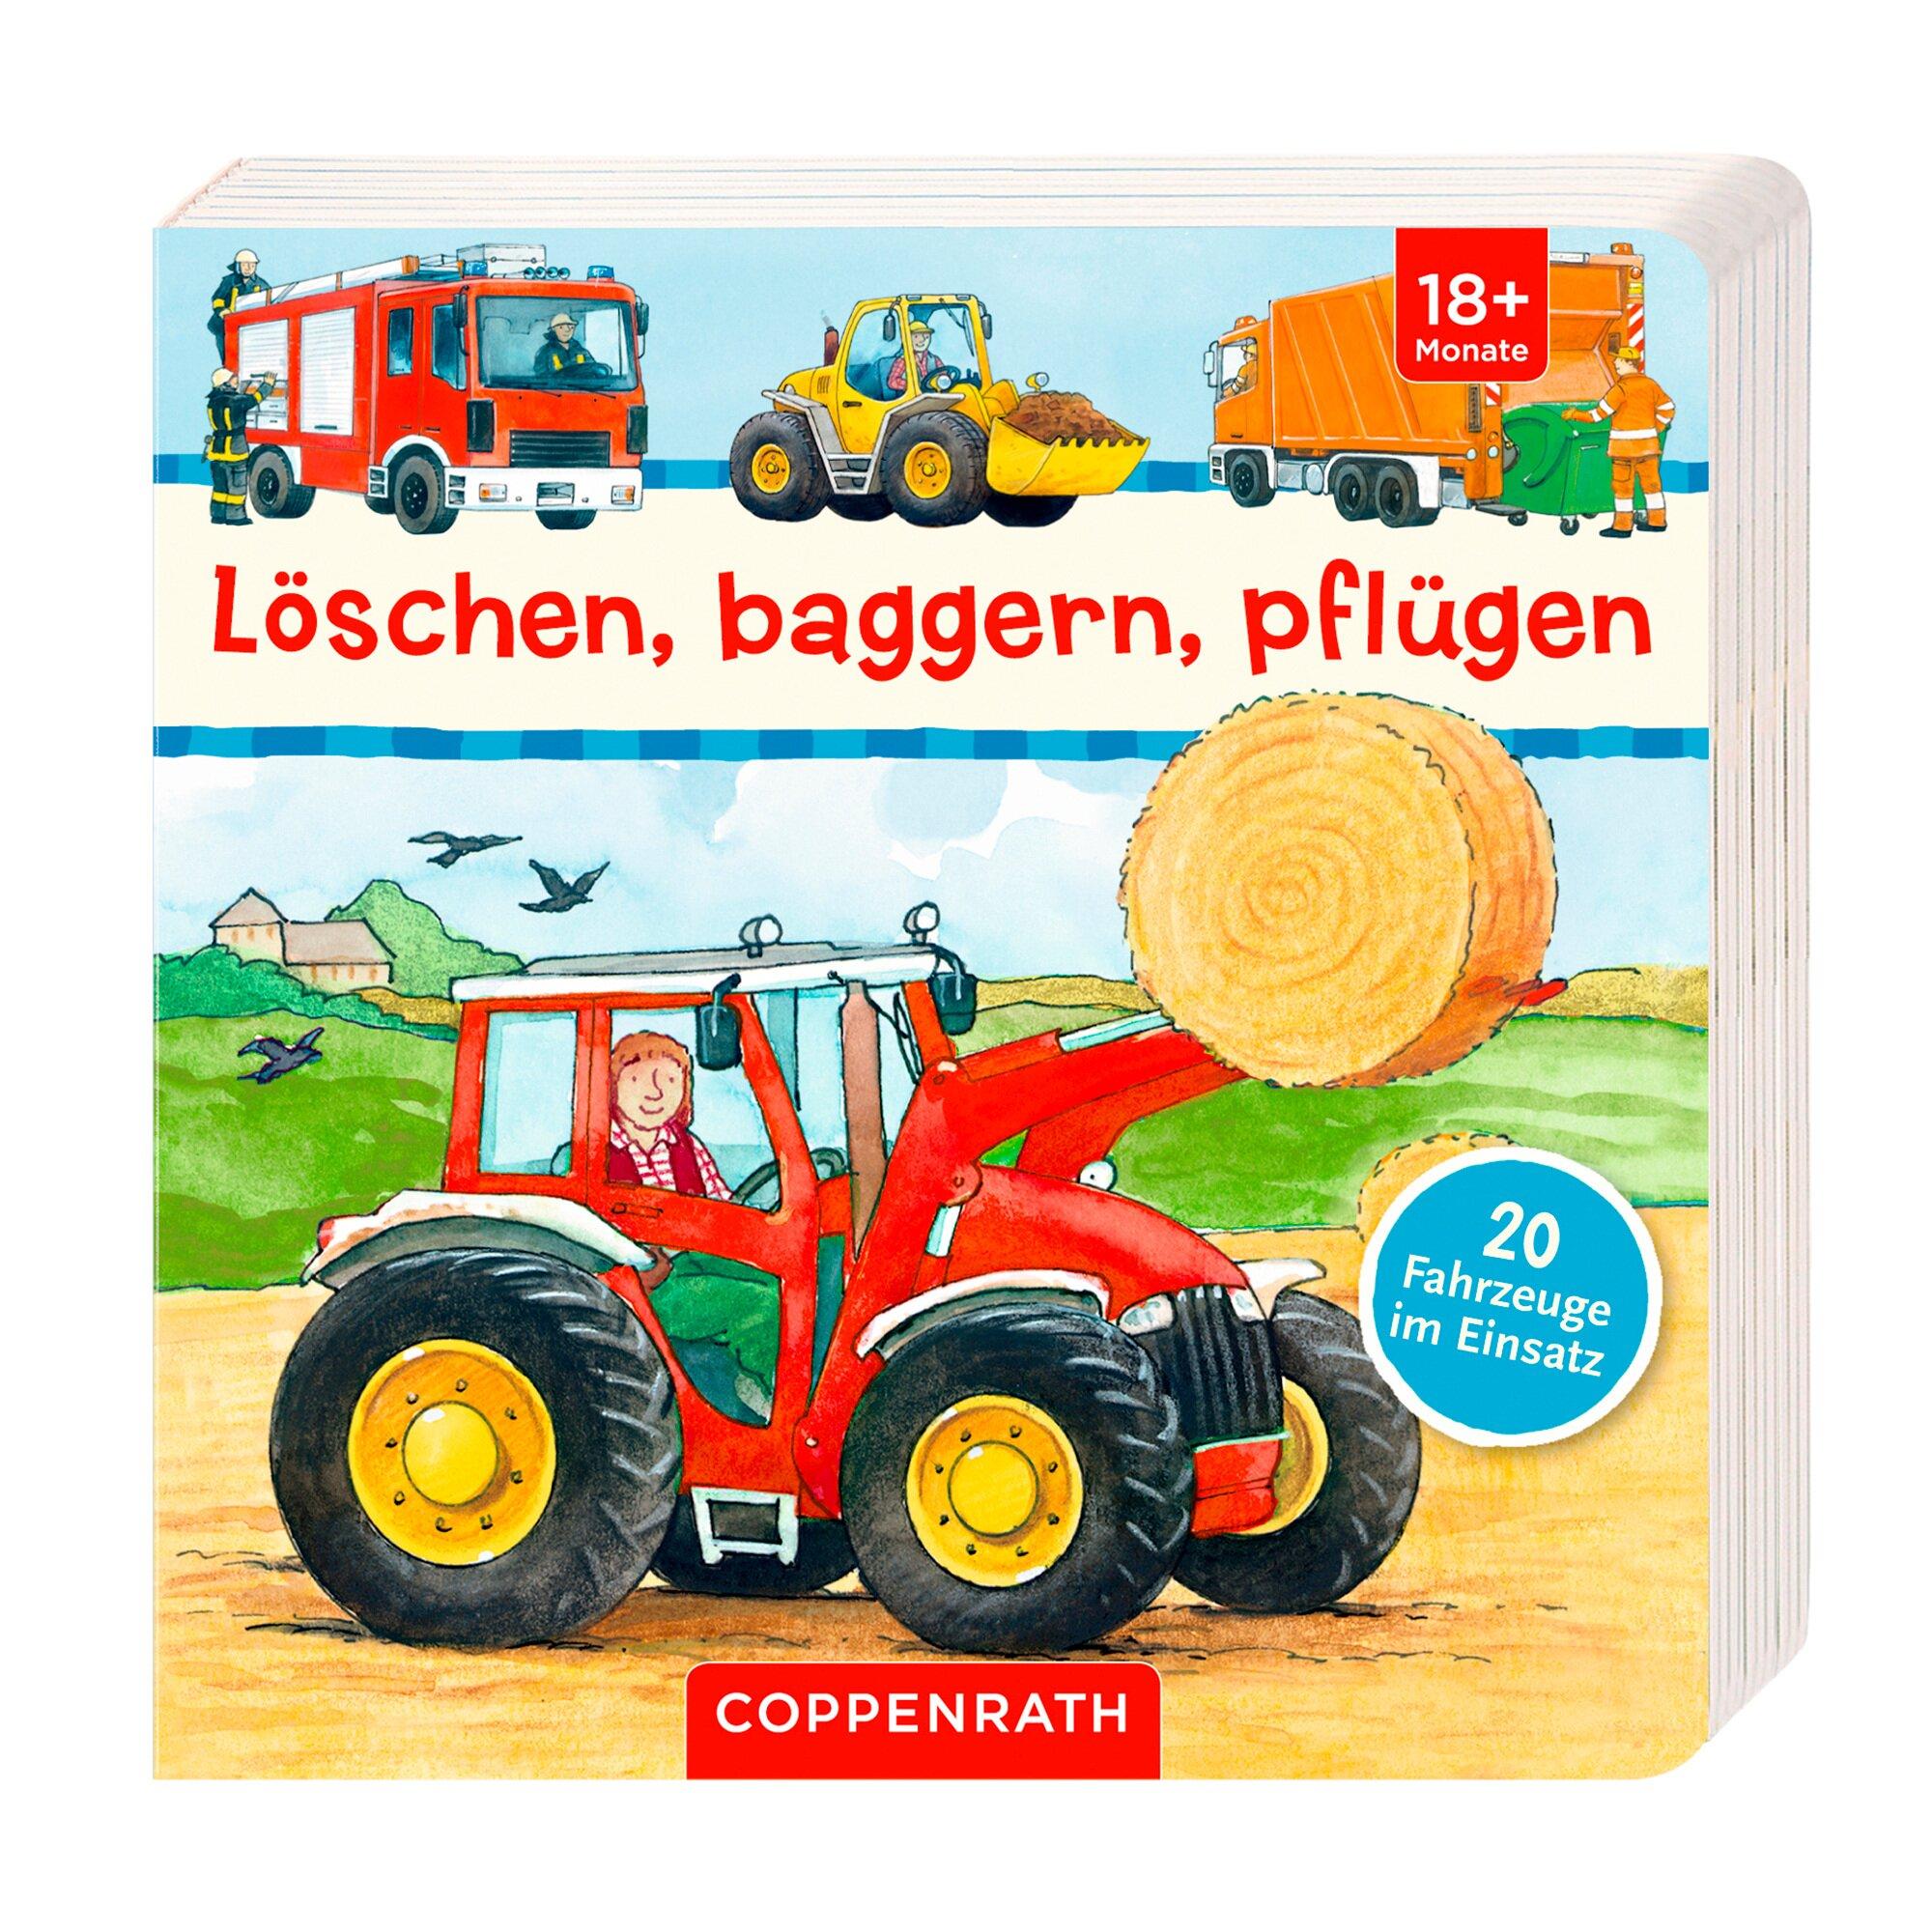 Coppenrath Die Spiegelburg Pappbilderbuch Löschen, baggern, pflügen